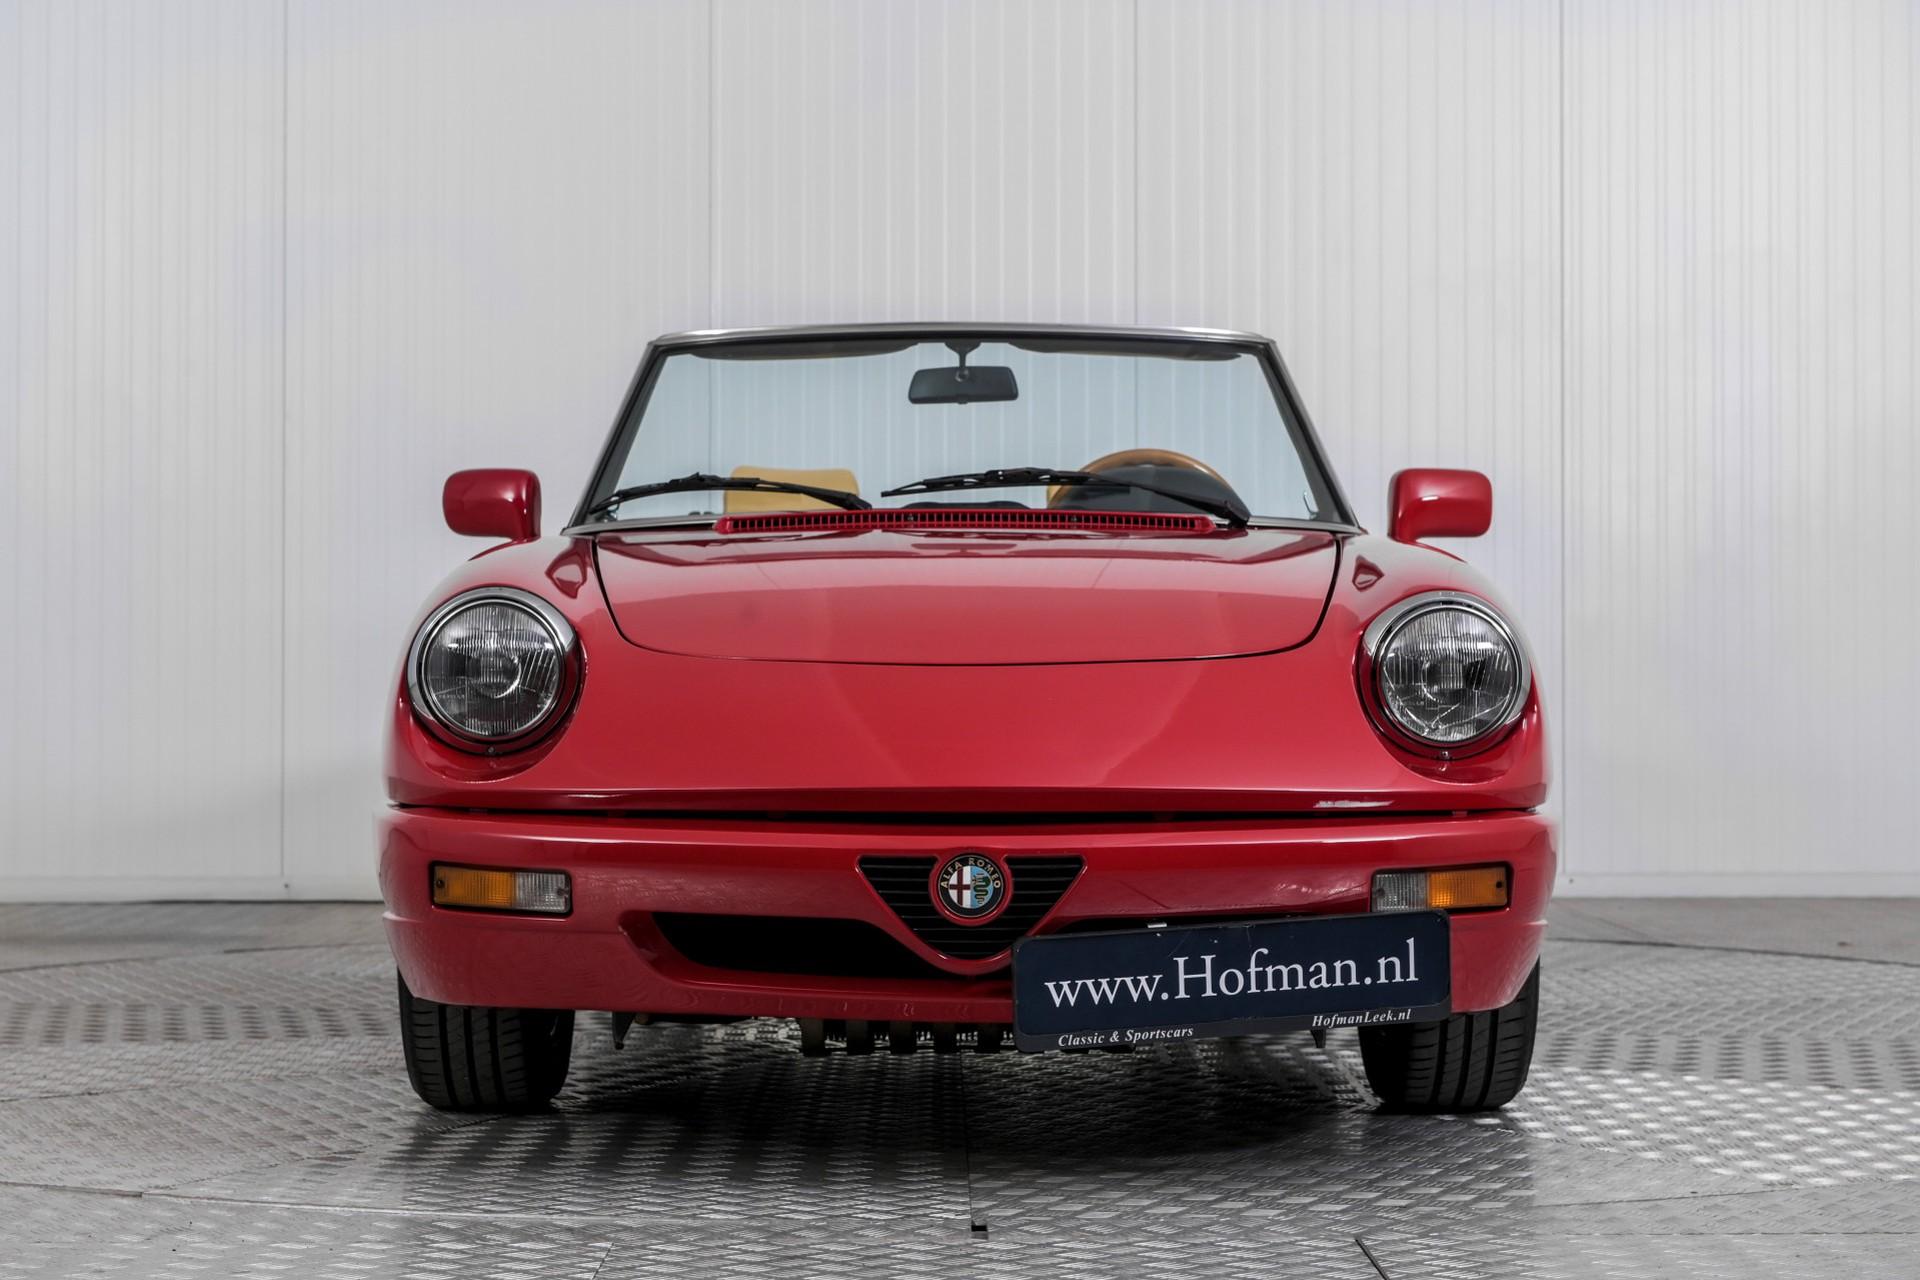 Alfa Romeo Spider 2.0i Serie 4 Foto 3